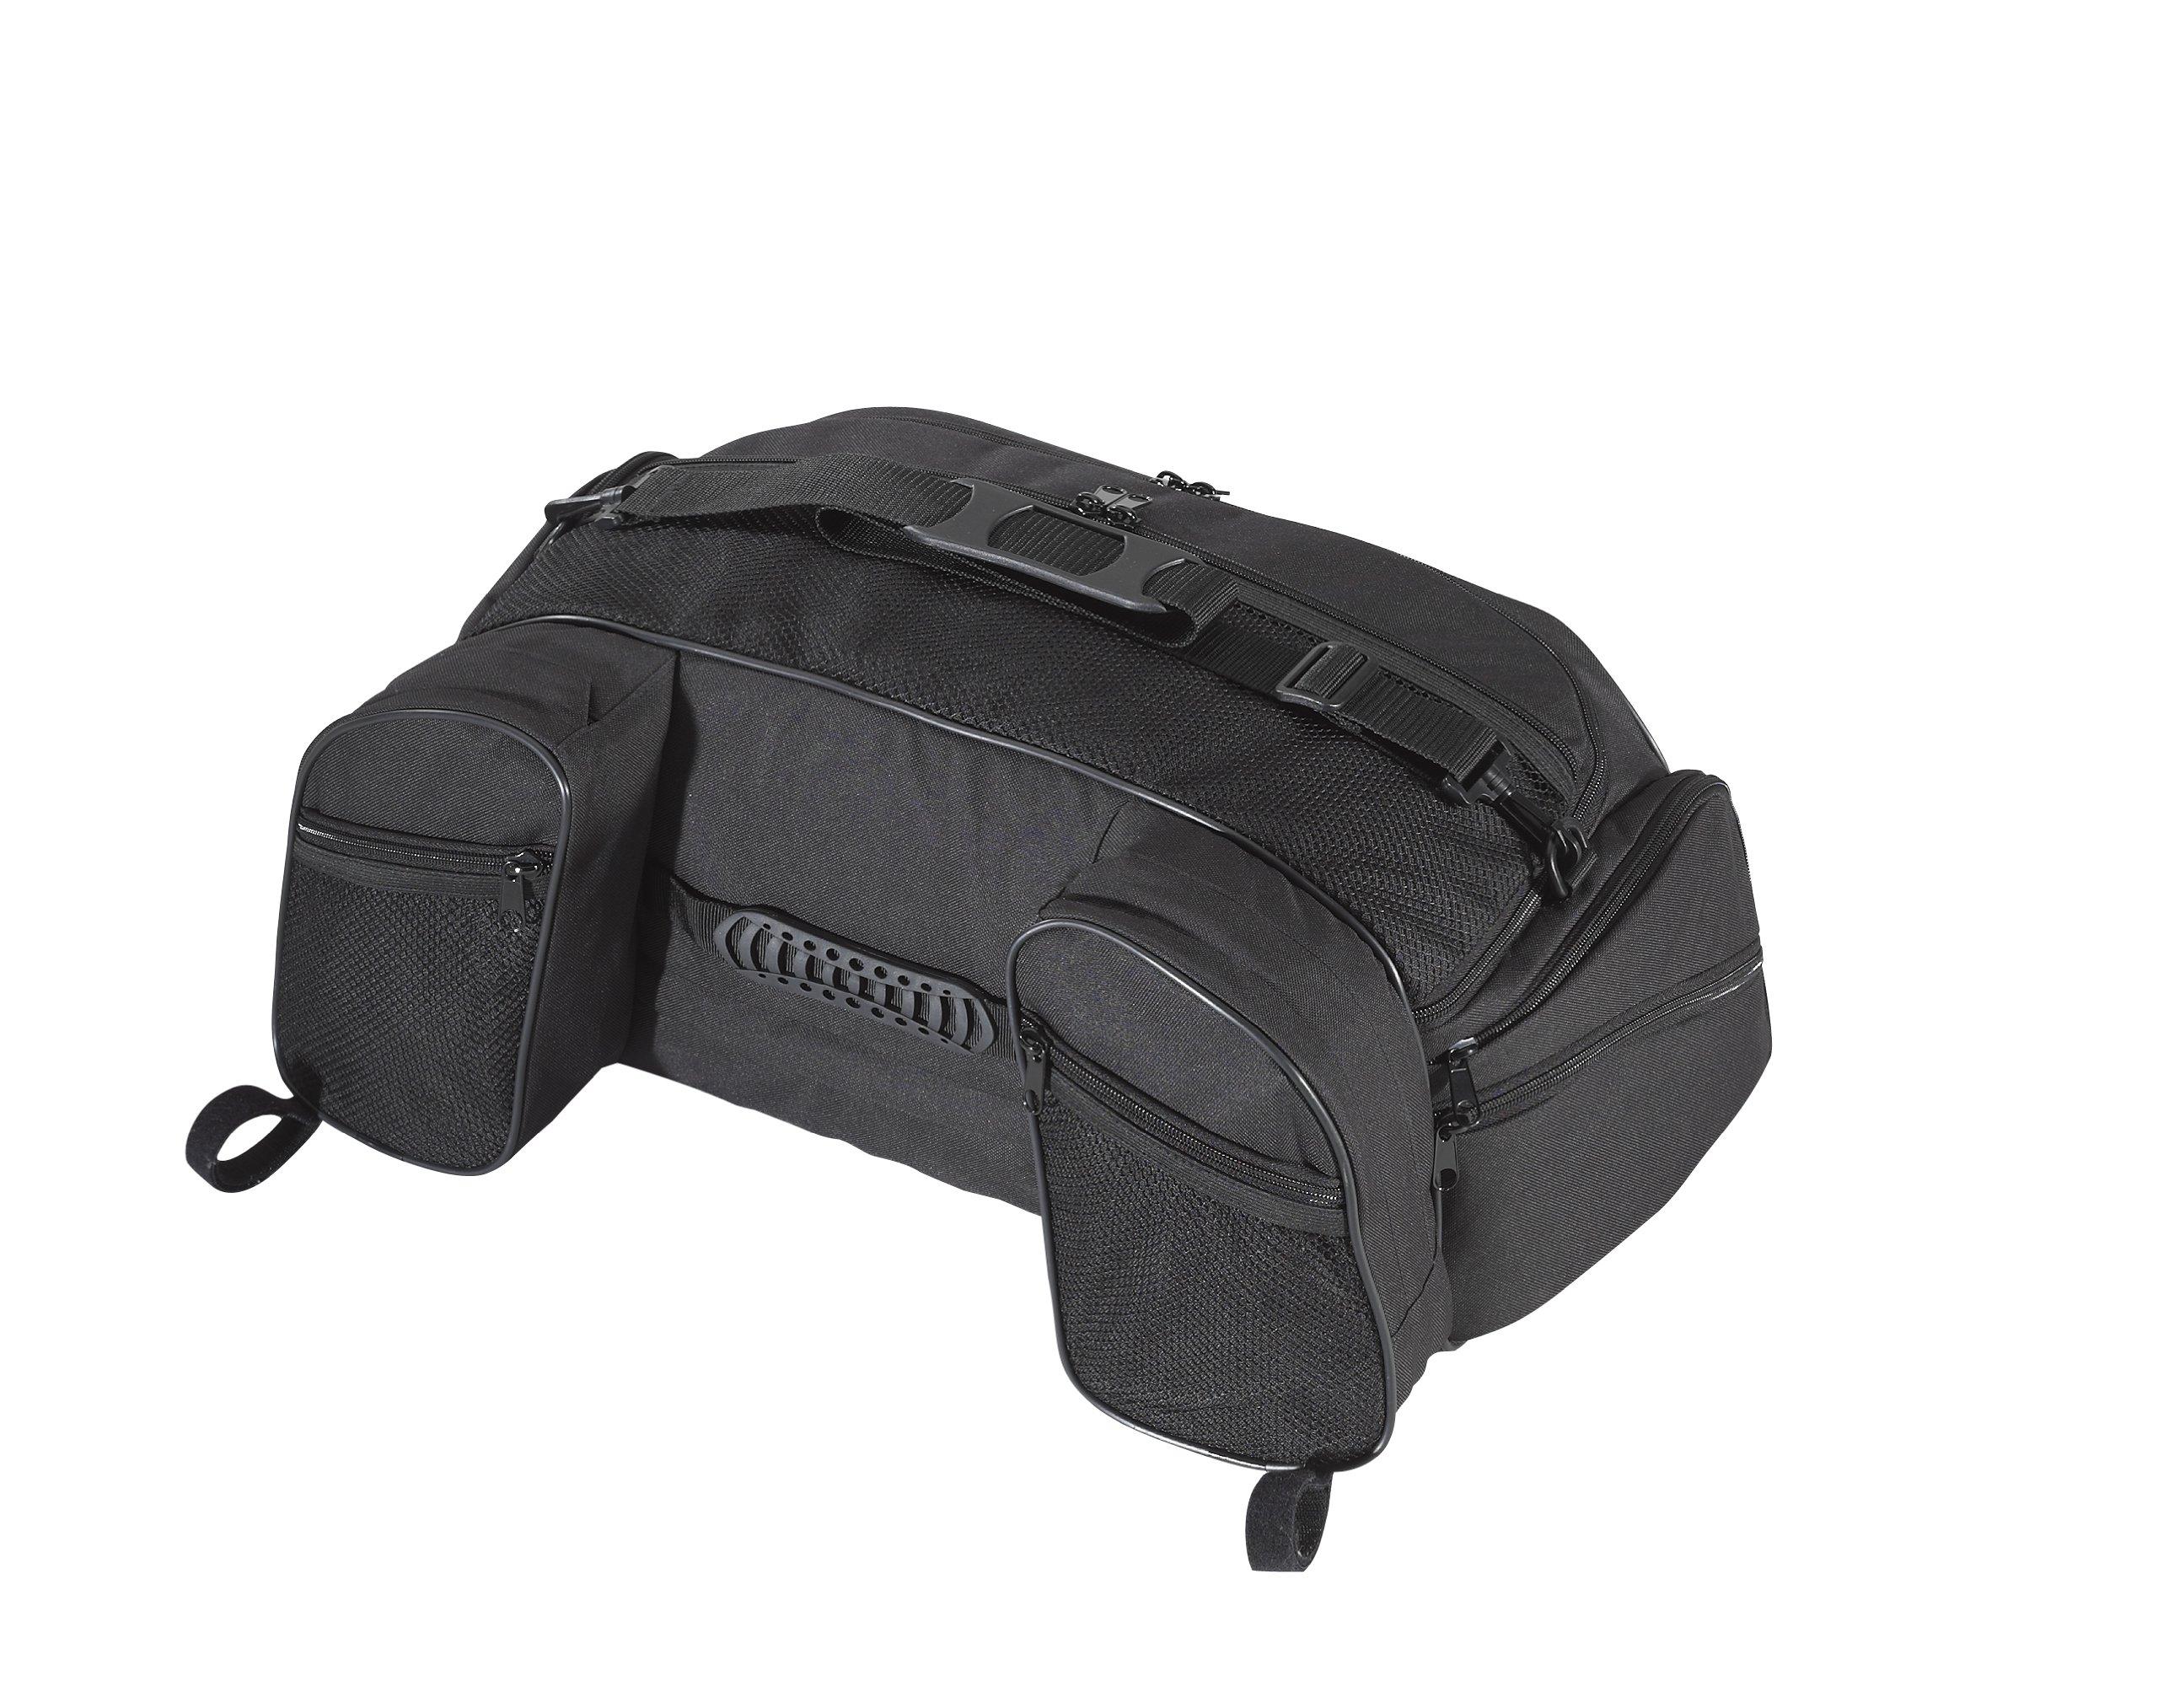 UltraGard 4-603 Black Touring Luggage Rack Bag